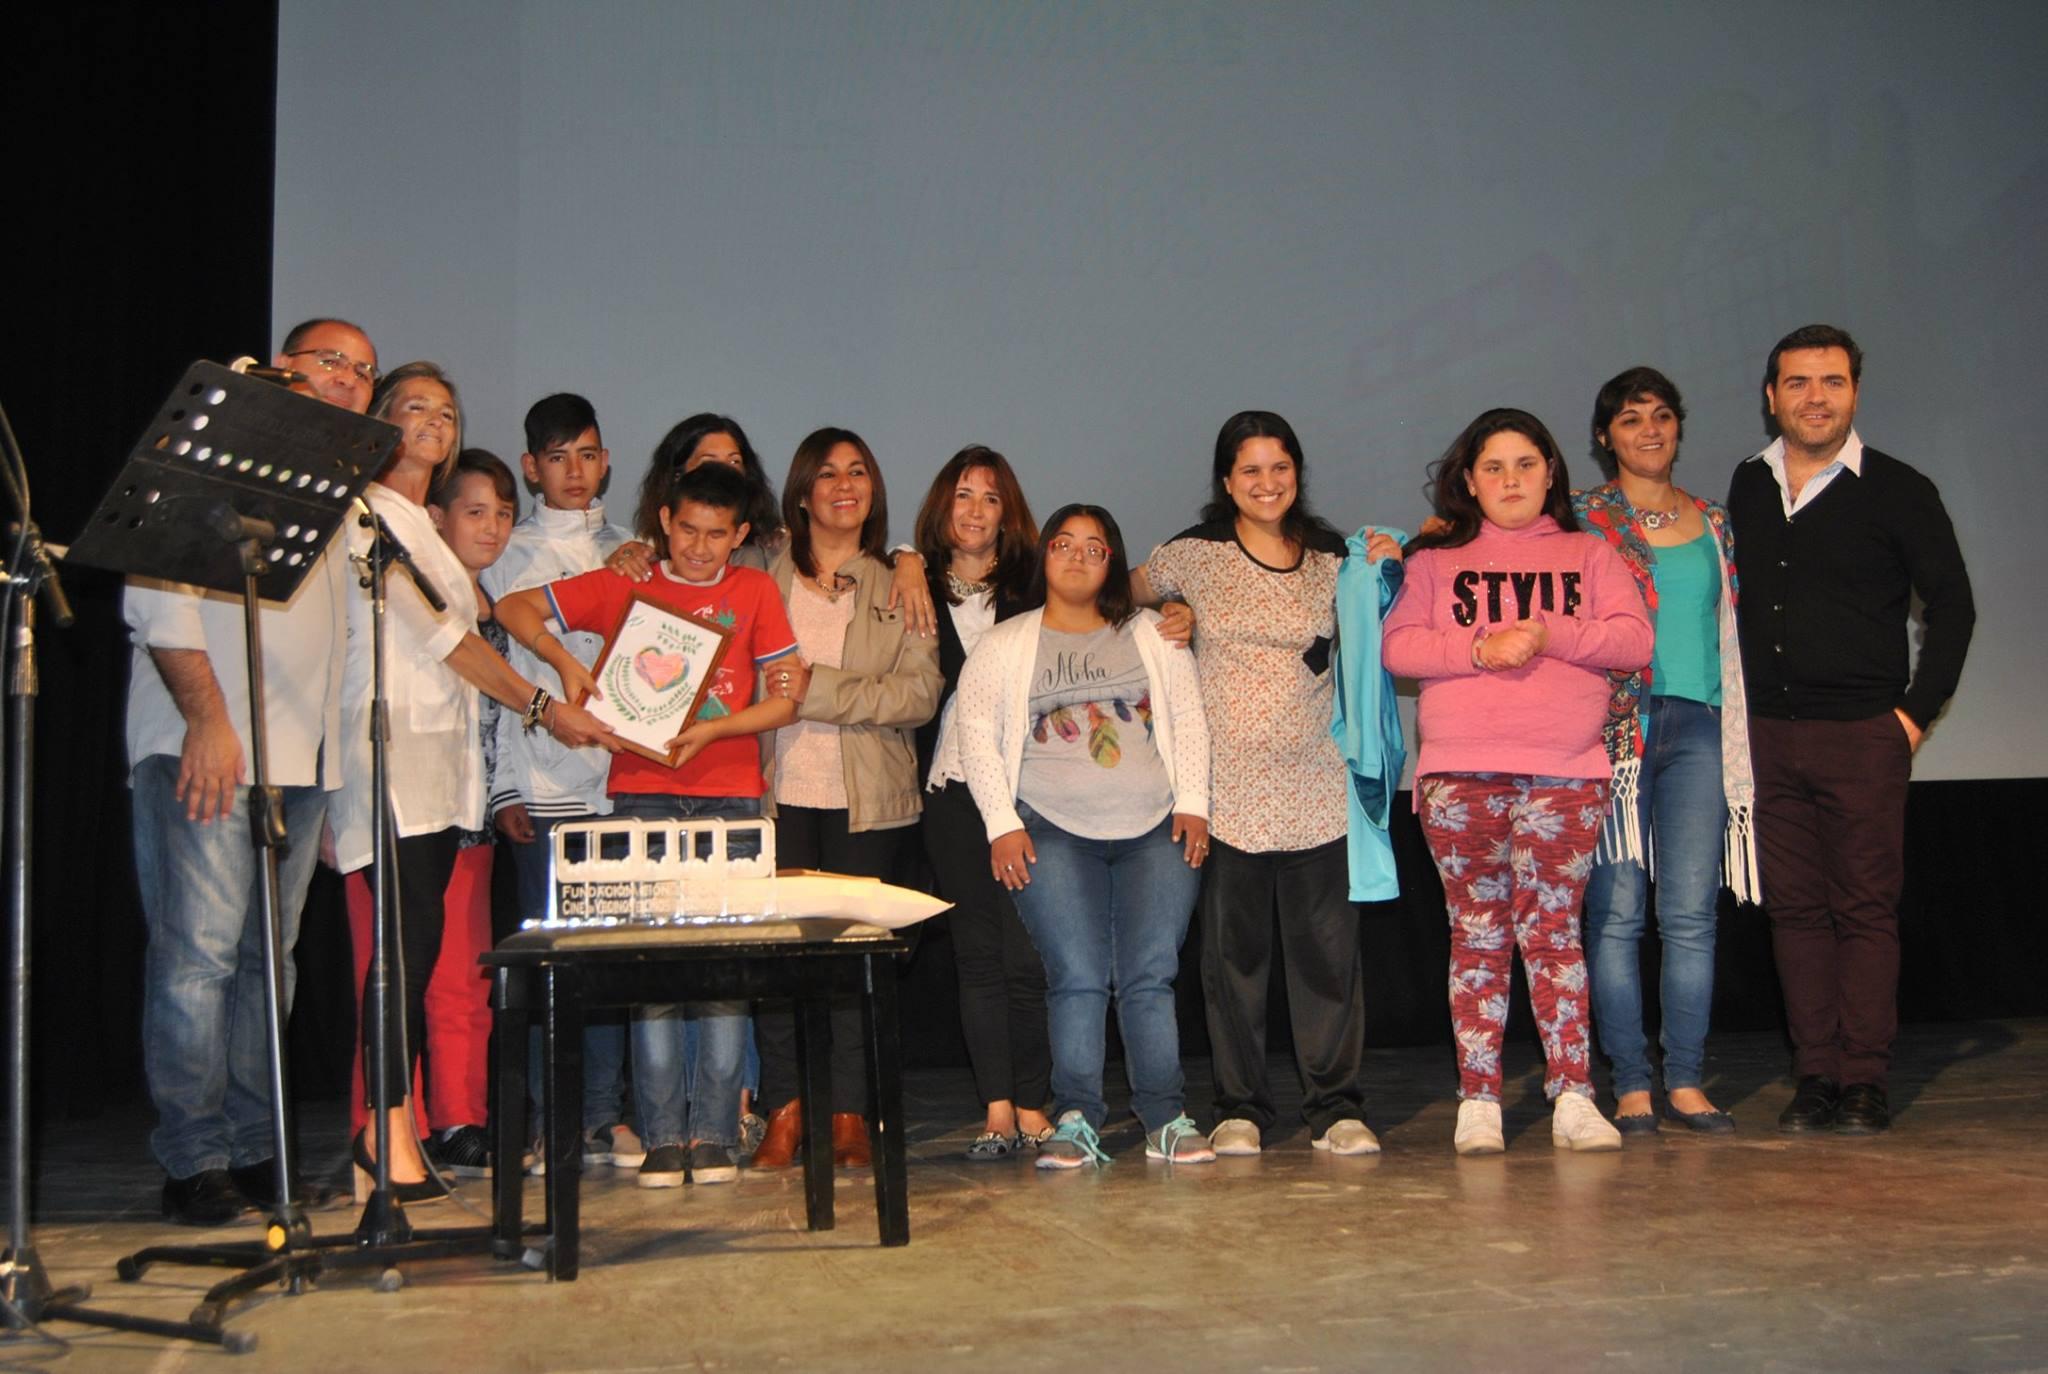 002 Docentes y alumnos de la Escuela de Educación especial 501 Hellen Keller de Saladillo